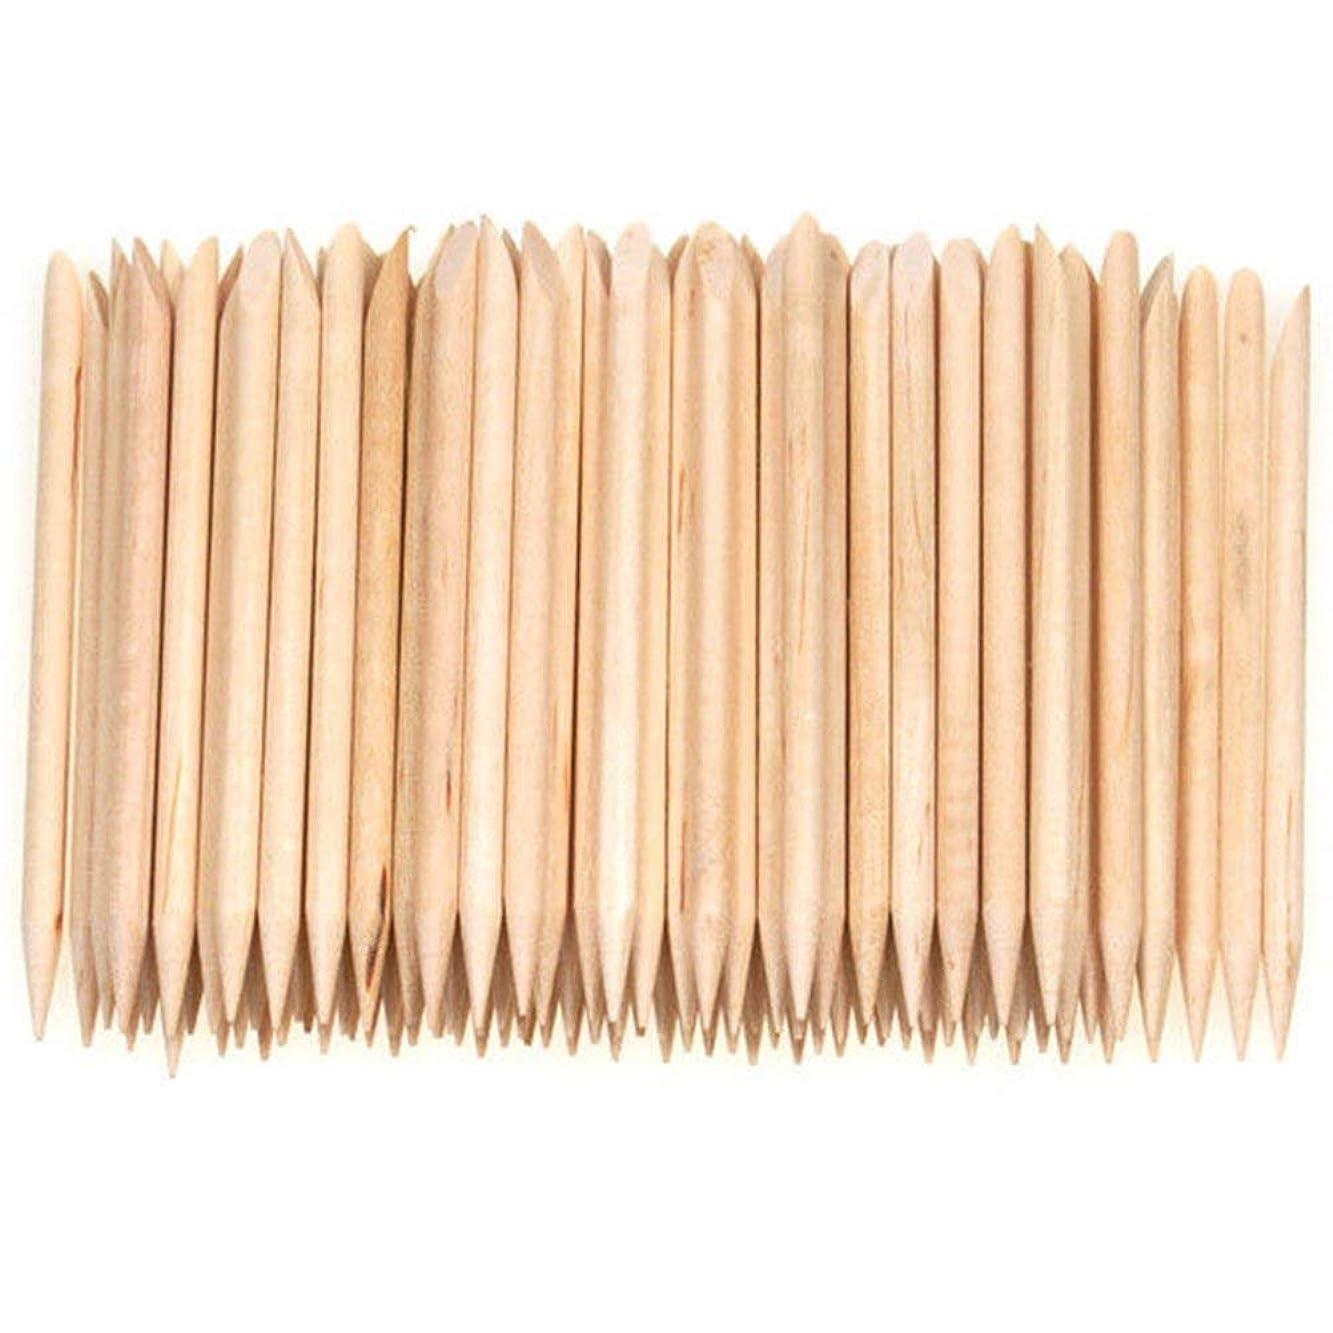 蛾牛肉リラックスしたNrpfell 100個ネイルアートデザイン木製の棒キューティクルプッシャーリムーバーマニキュアケア